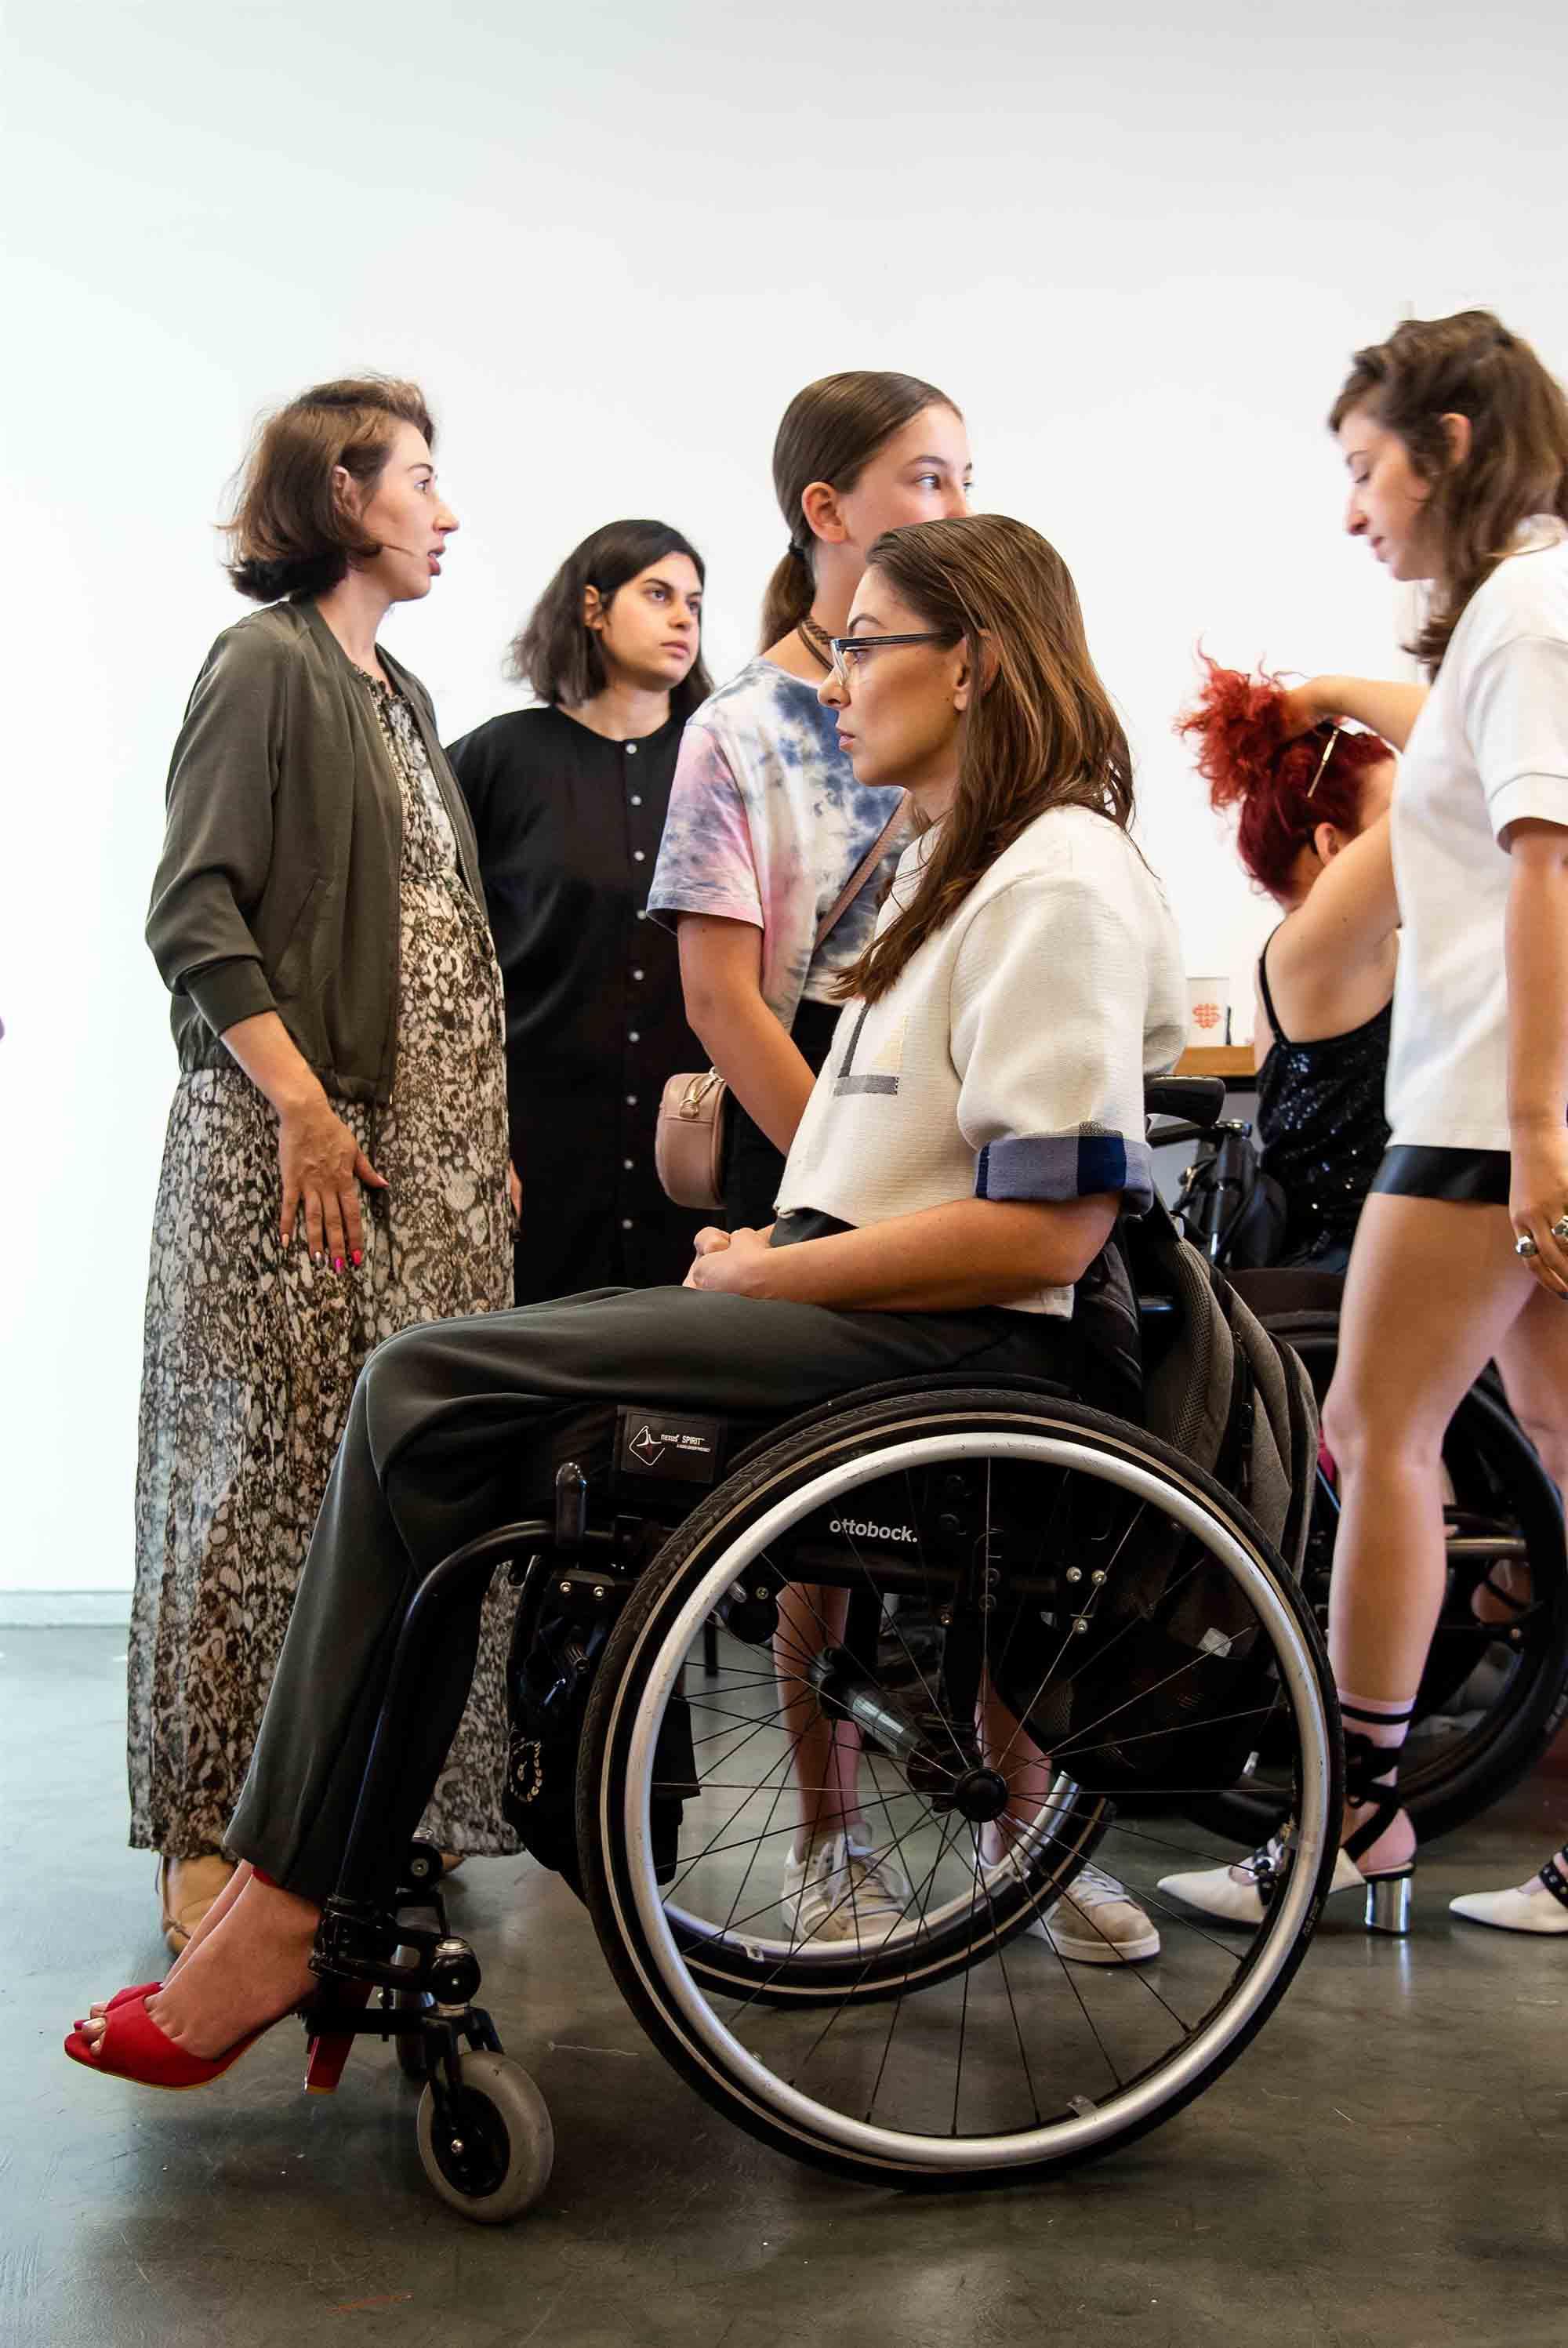 רוגבי כסאות גלגלים: דיאנה שריר. שנקר: קארין קרוצ'י ויובל בר, עיצוב אופנה